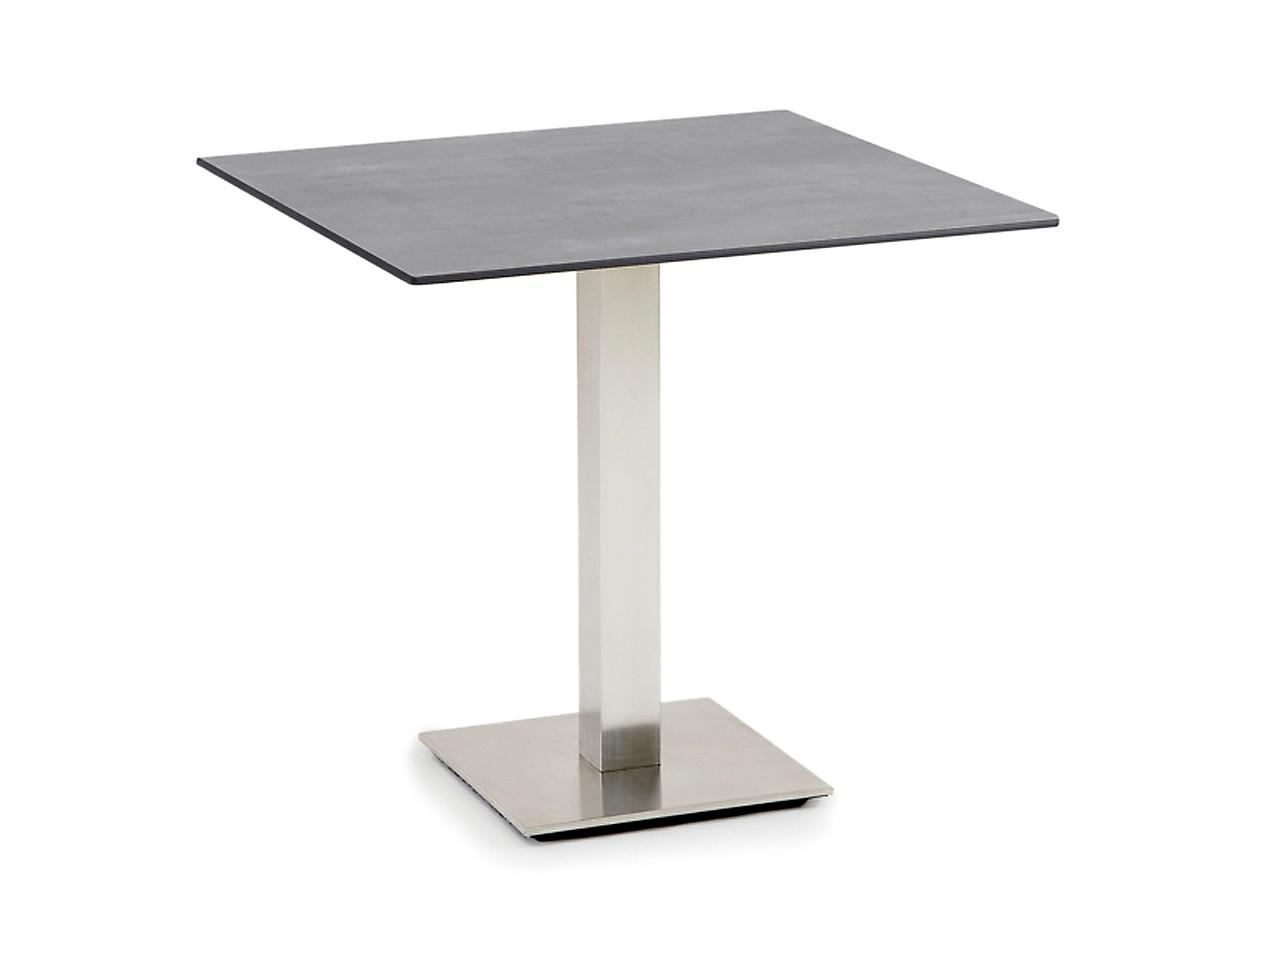 Niehoff Tisch Bistro quadratisch G513.004.048 95x95 cm Beton